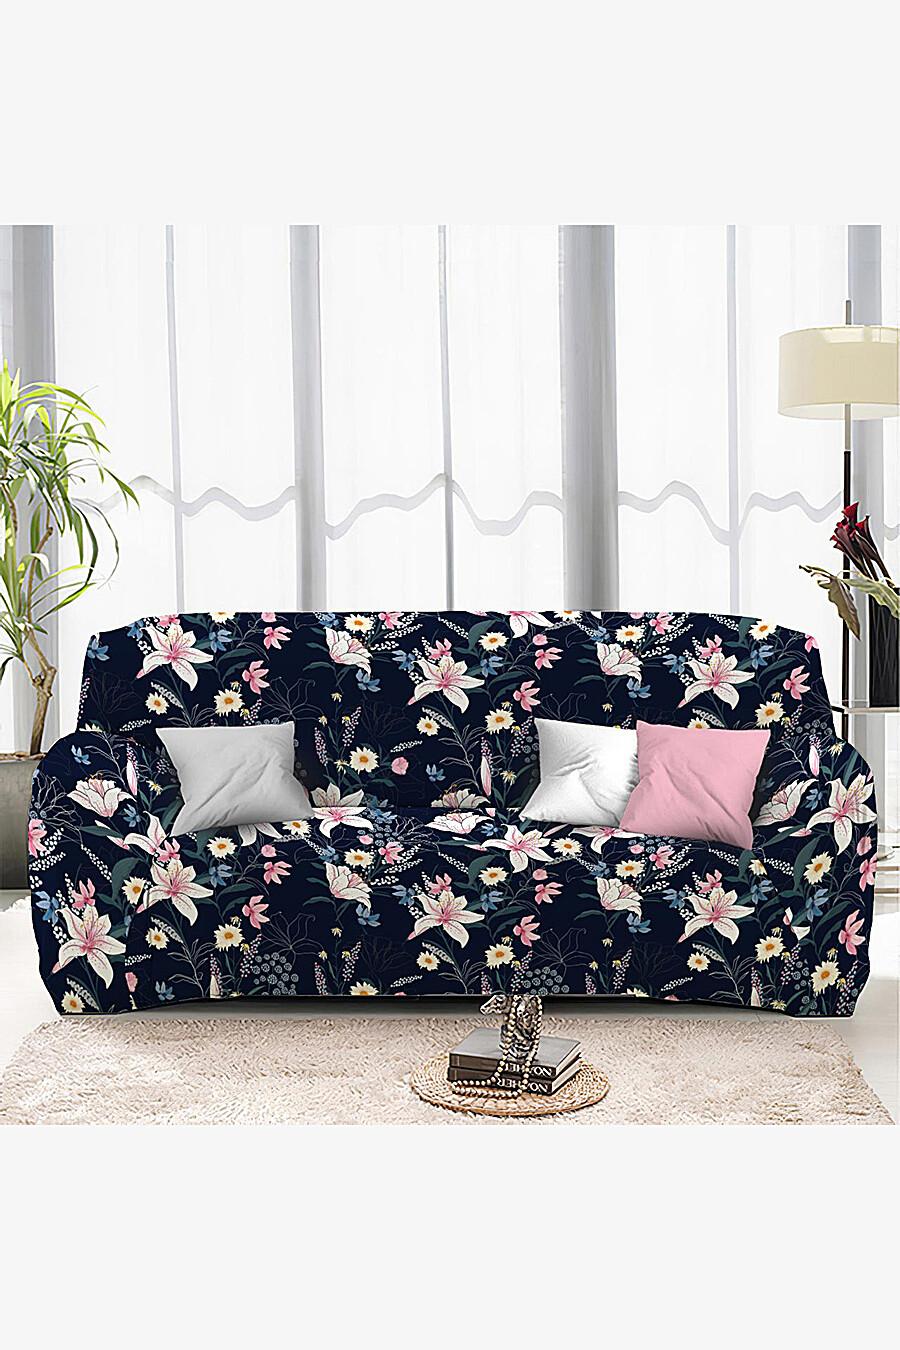 Чехол на диван для дома ART HOME TEXTILE 162834 купить оптом от производителя. Совместная покупка товаров для дома в OptMoyo